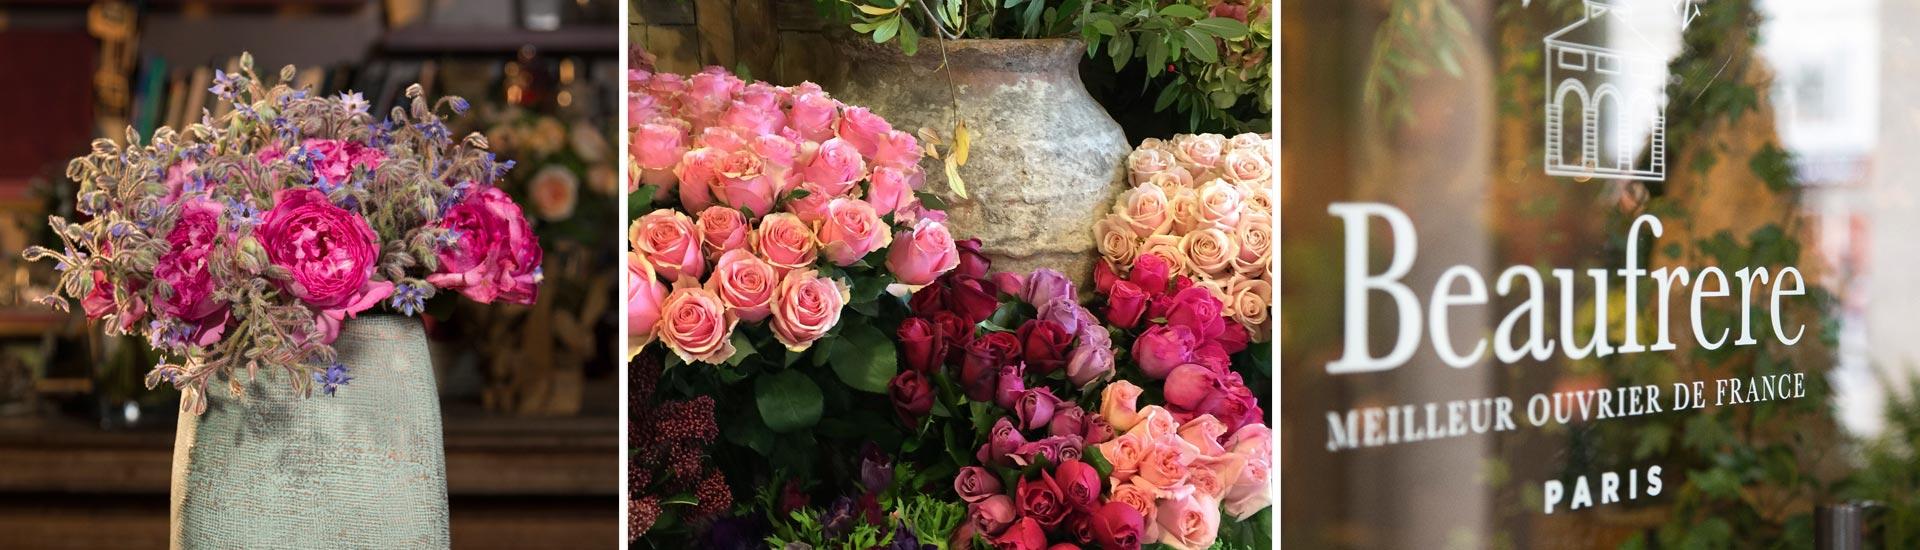 boutique-bouquet-4-fleurs-livraison-MOF-1